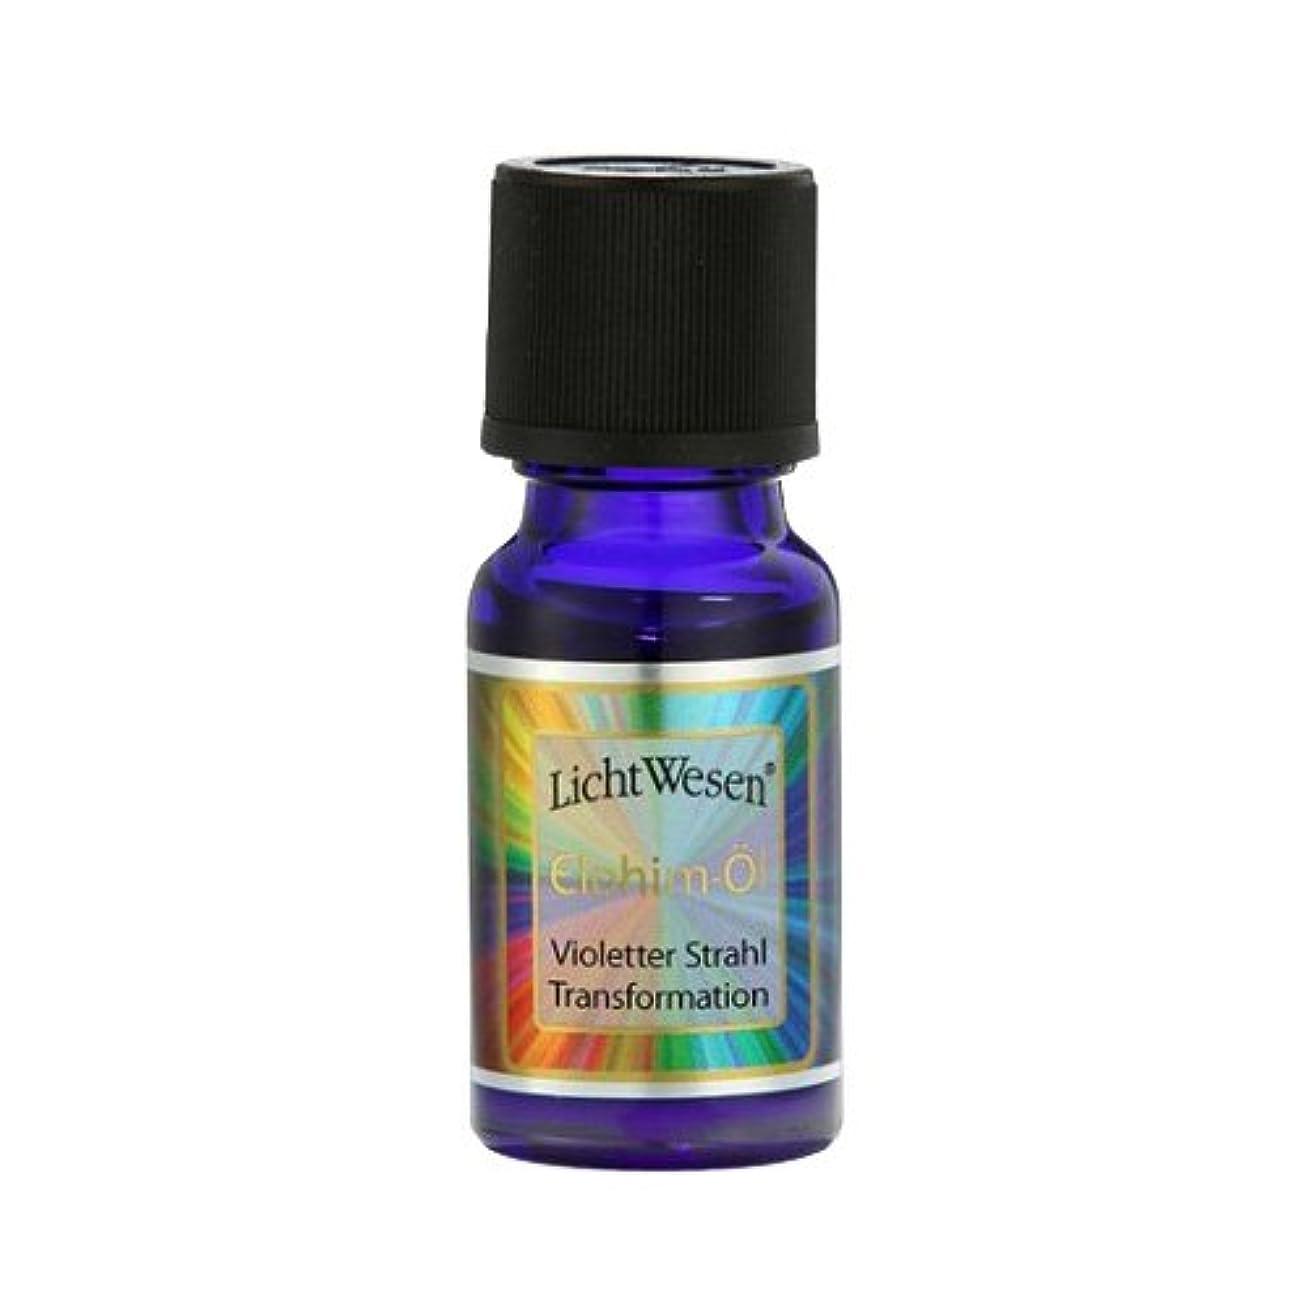 笑い頭採用リヒトヴェーゼン No.61 エロヒム天使 紫の光 エネルギーオイル 10ml